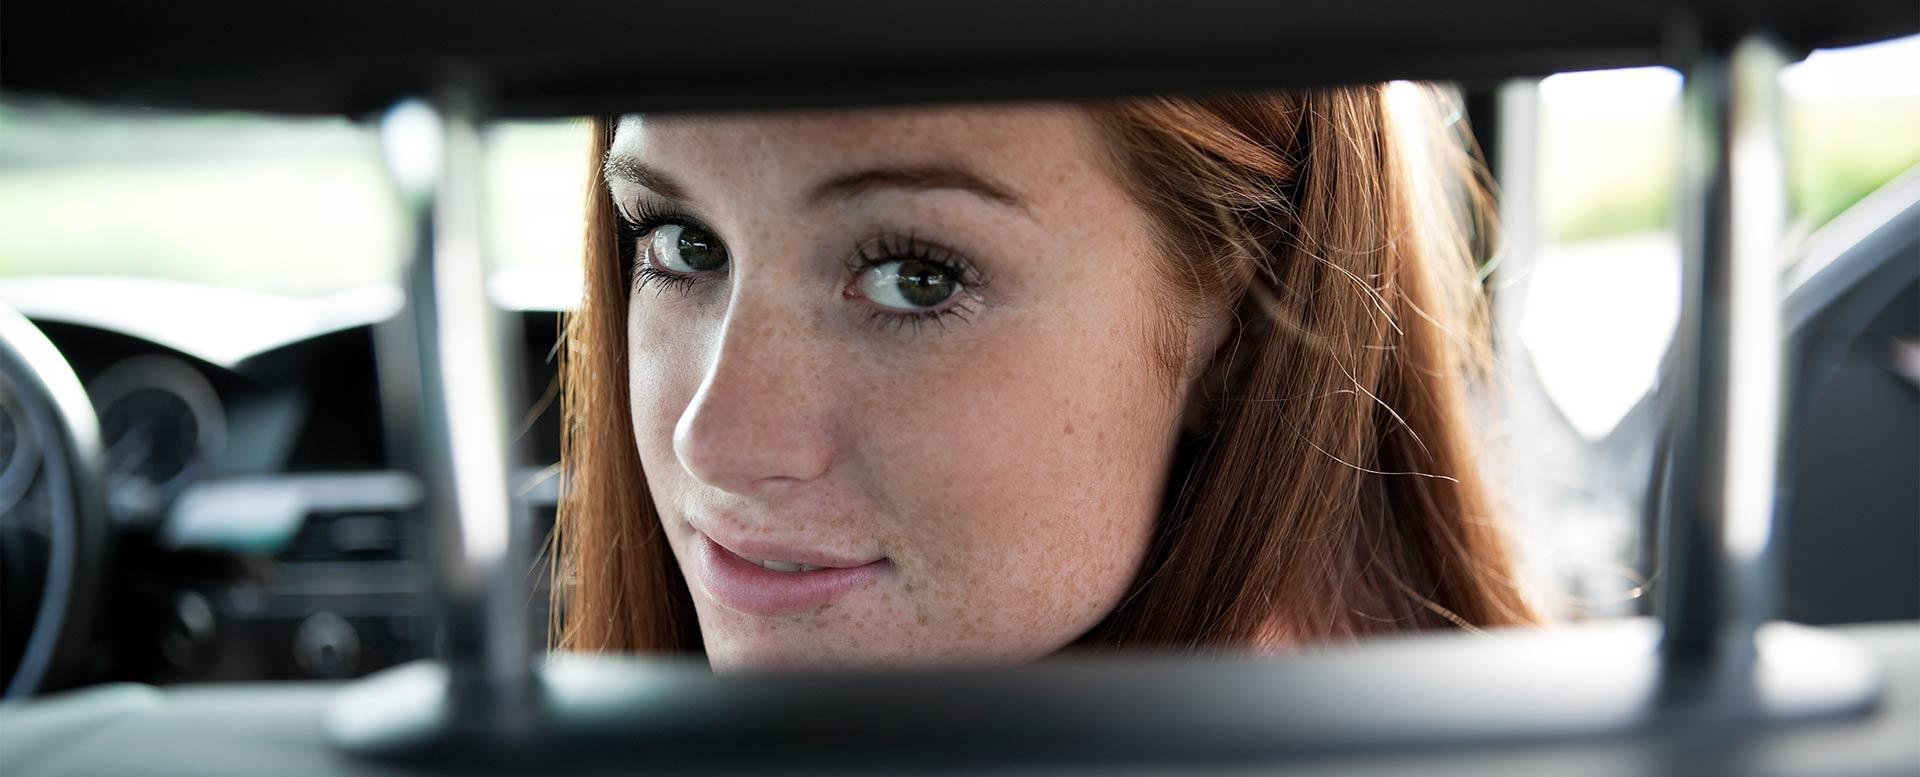 Rückenfreundlich Autofahren